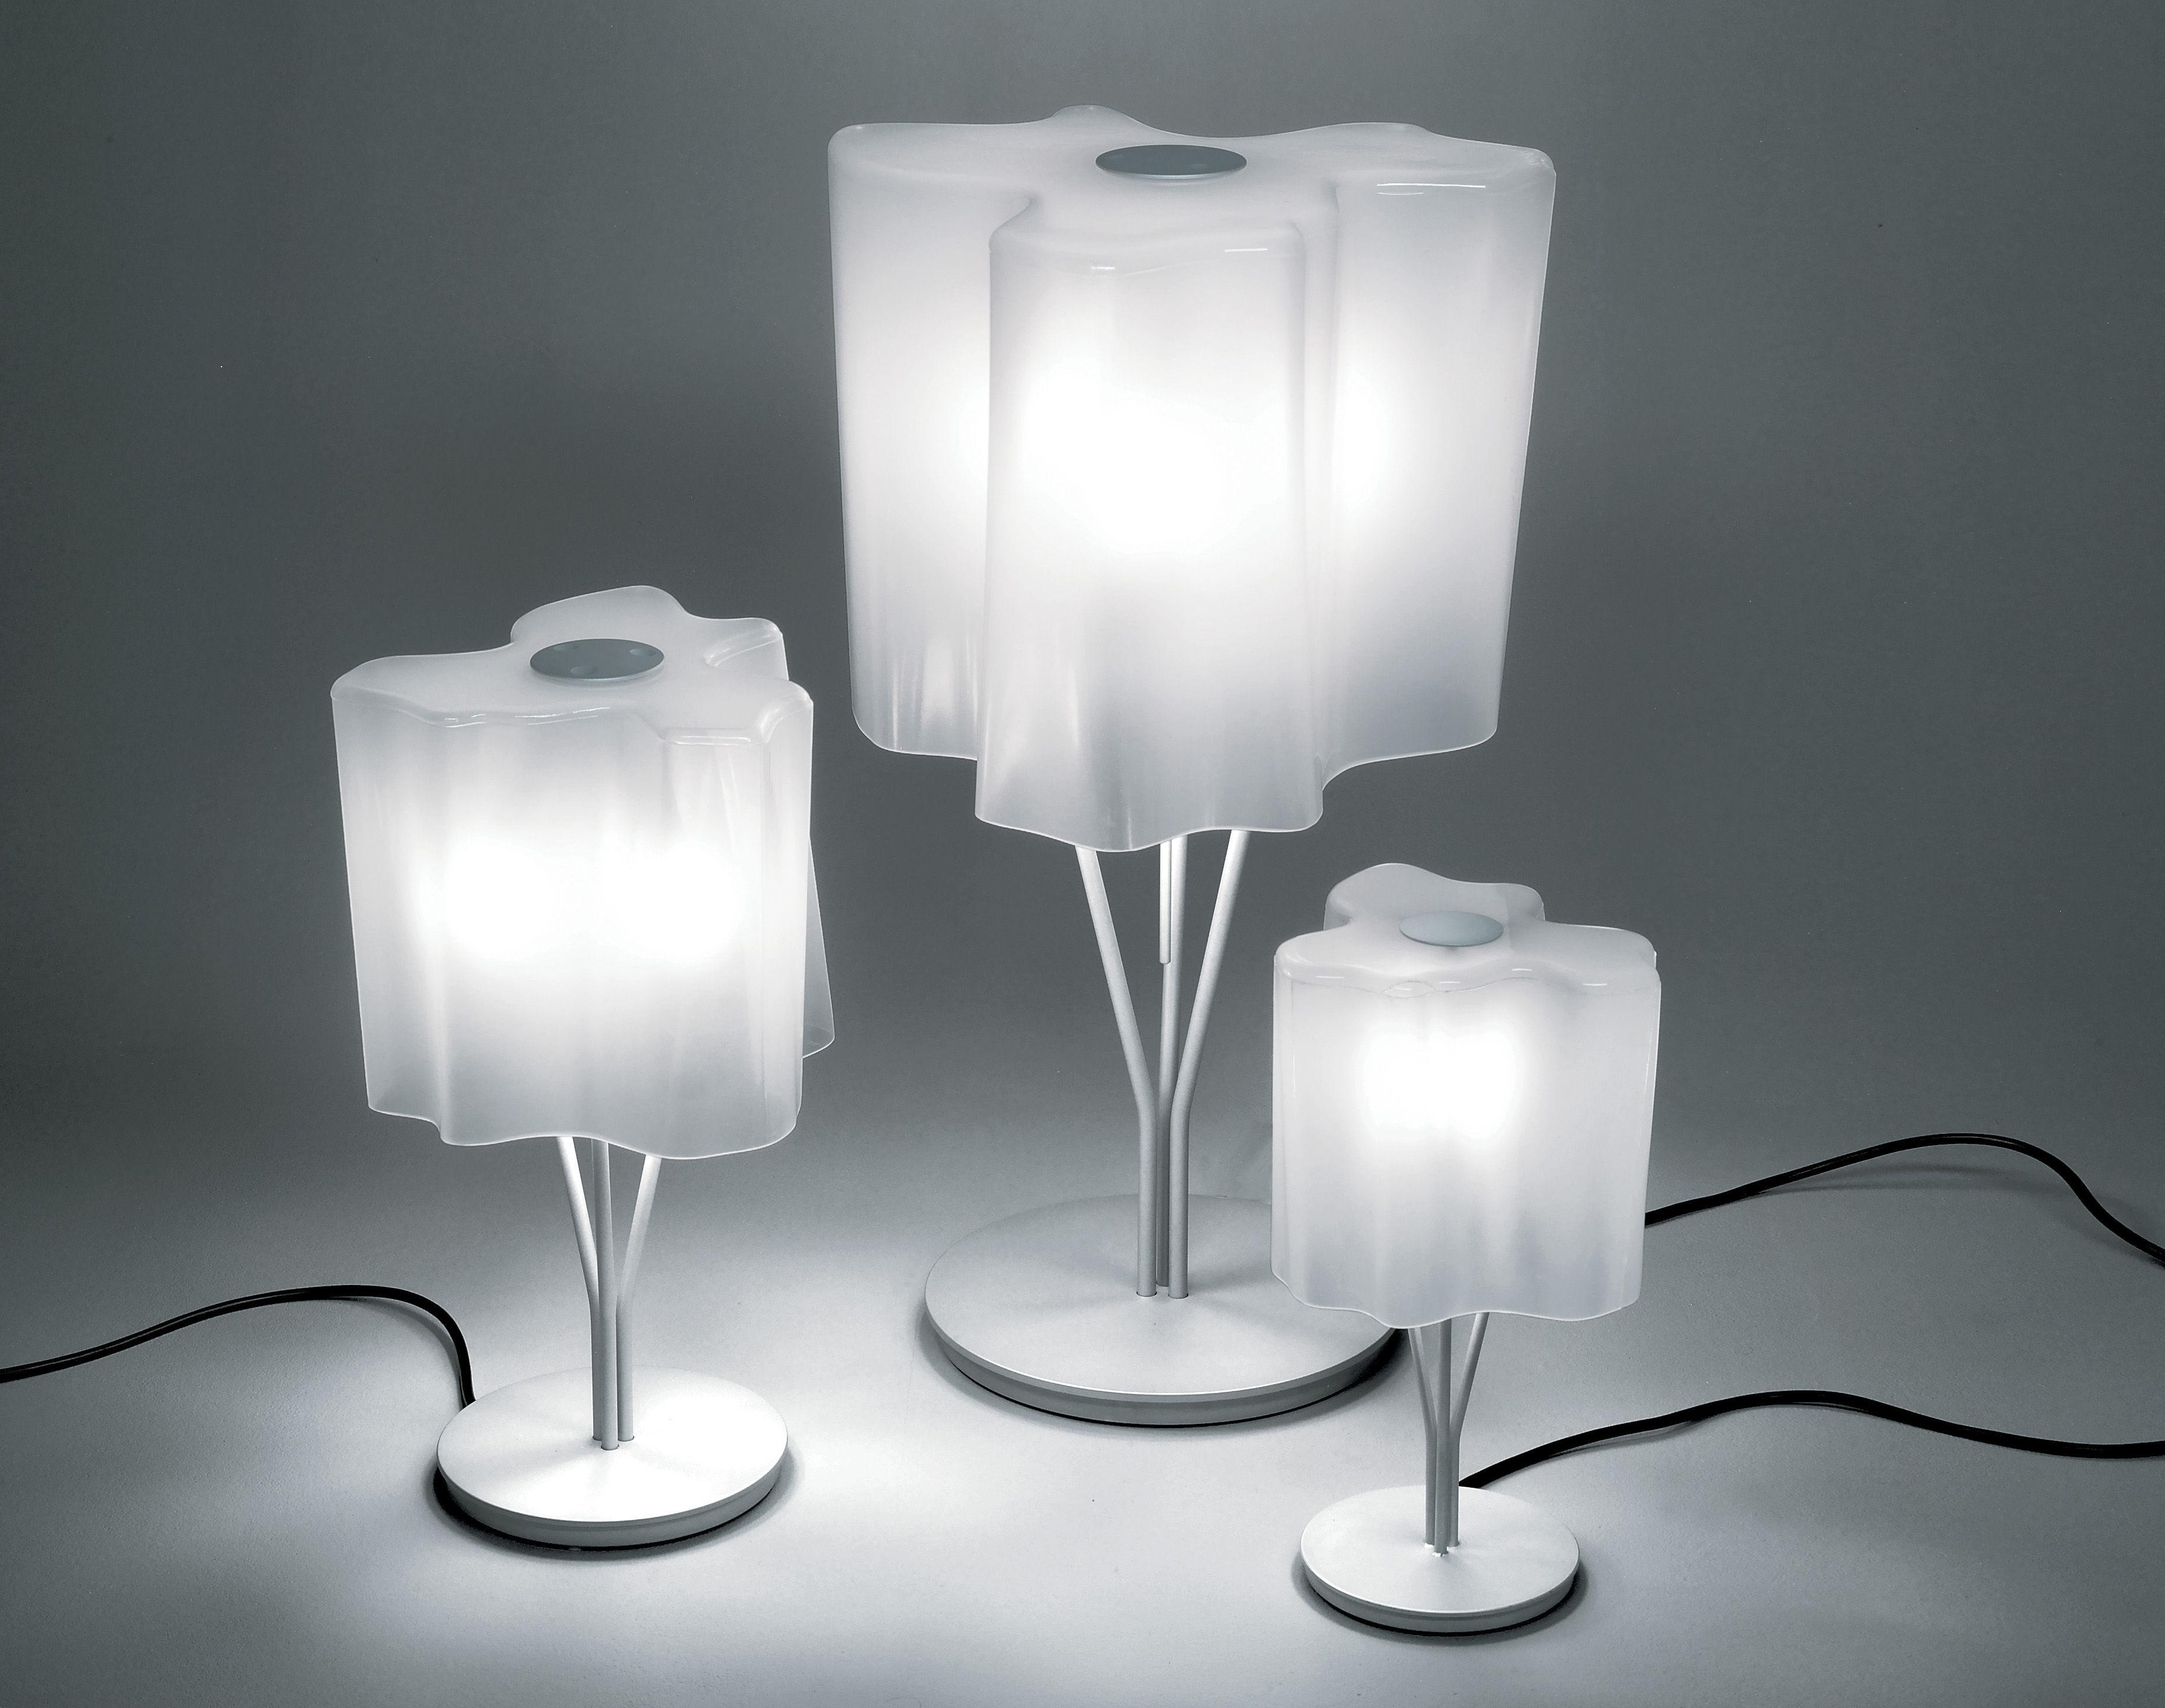 Scopri Lampada da tavolo Logico Micro, Bianco - Altezza 33 cm di Artemide, Made In Design Italia